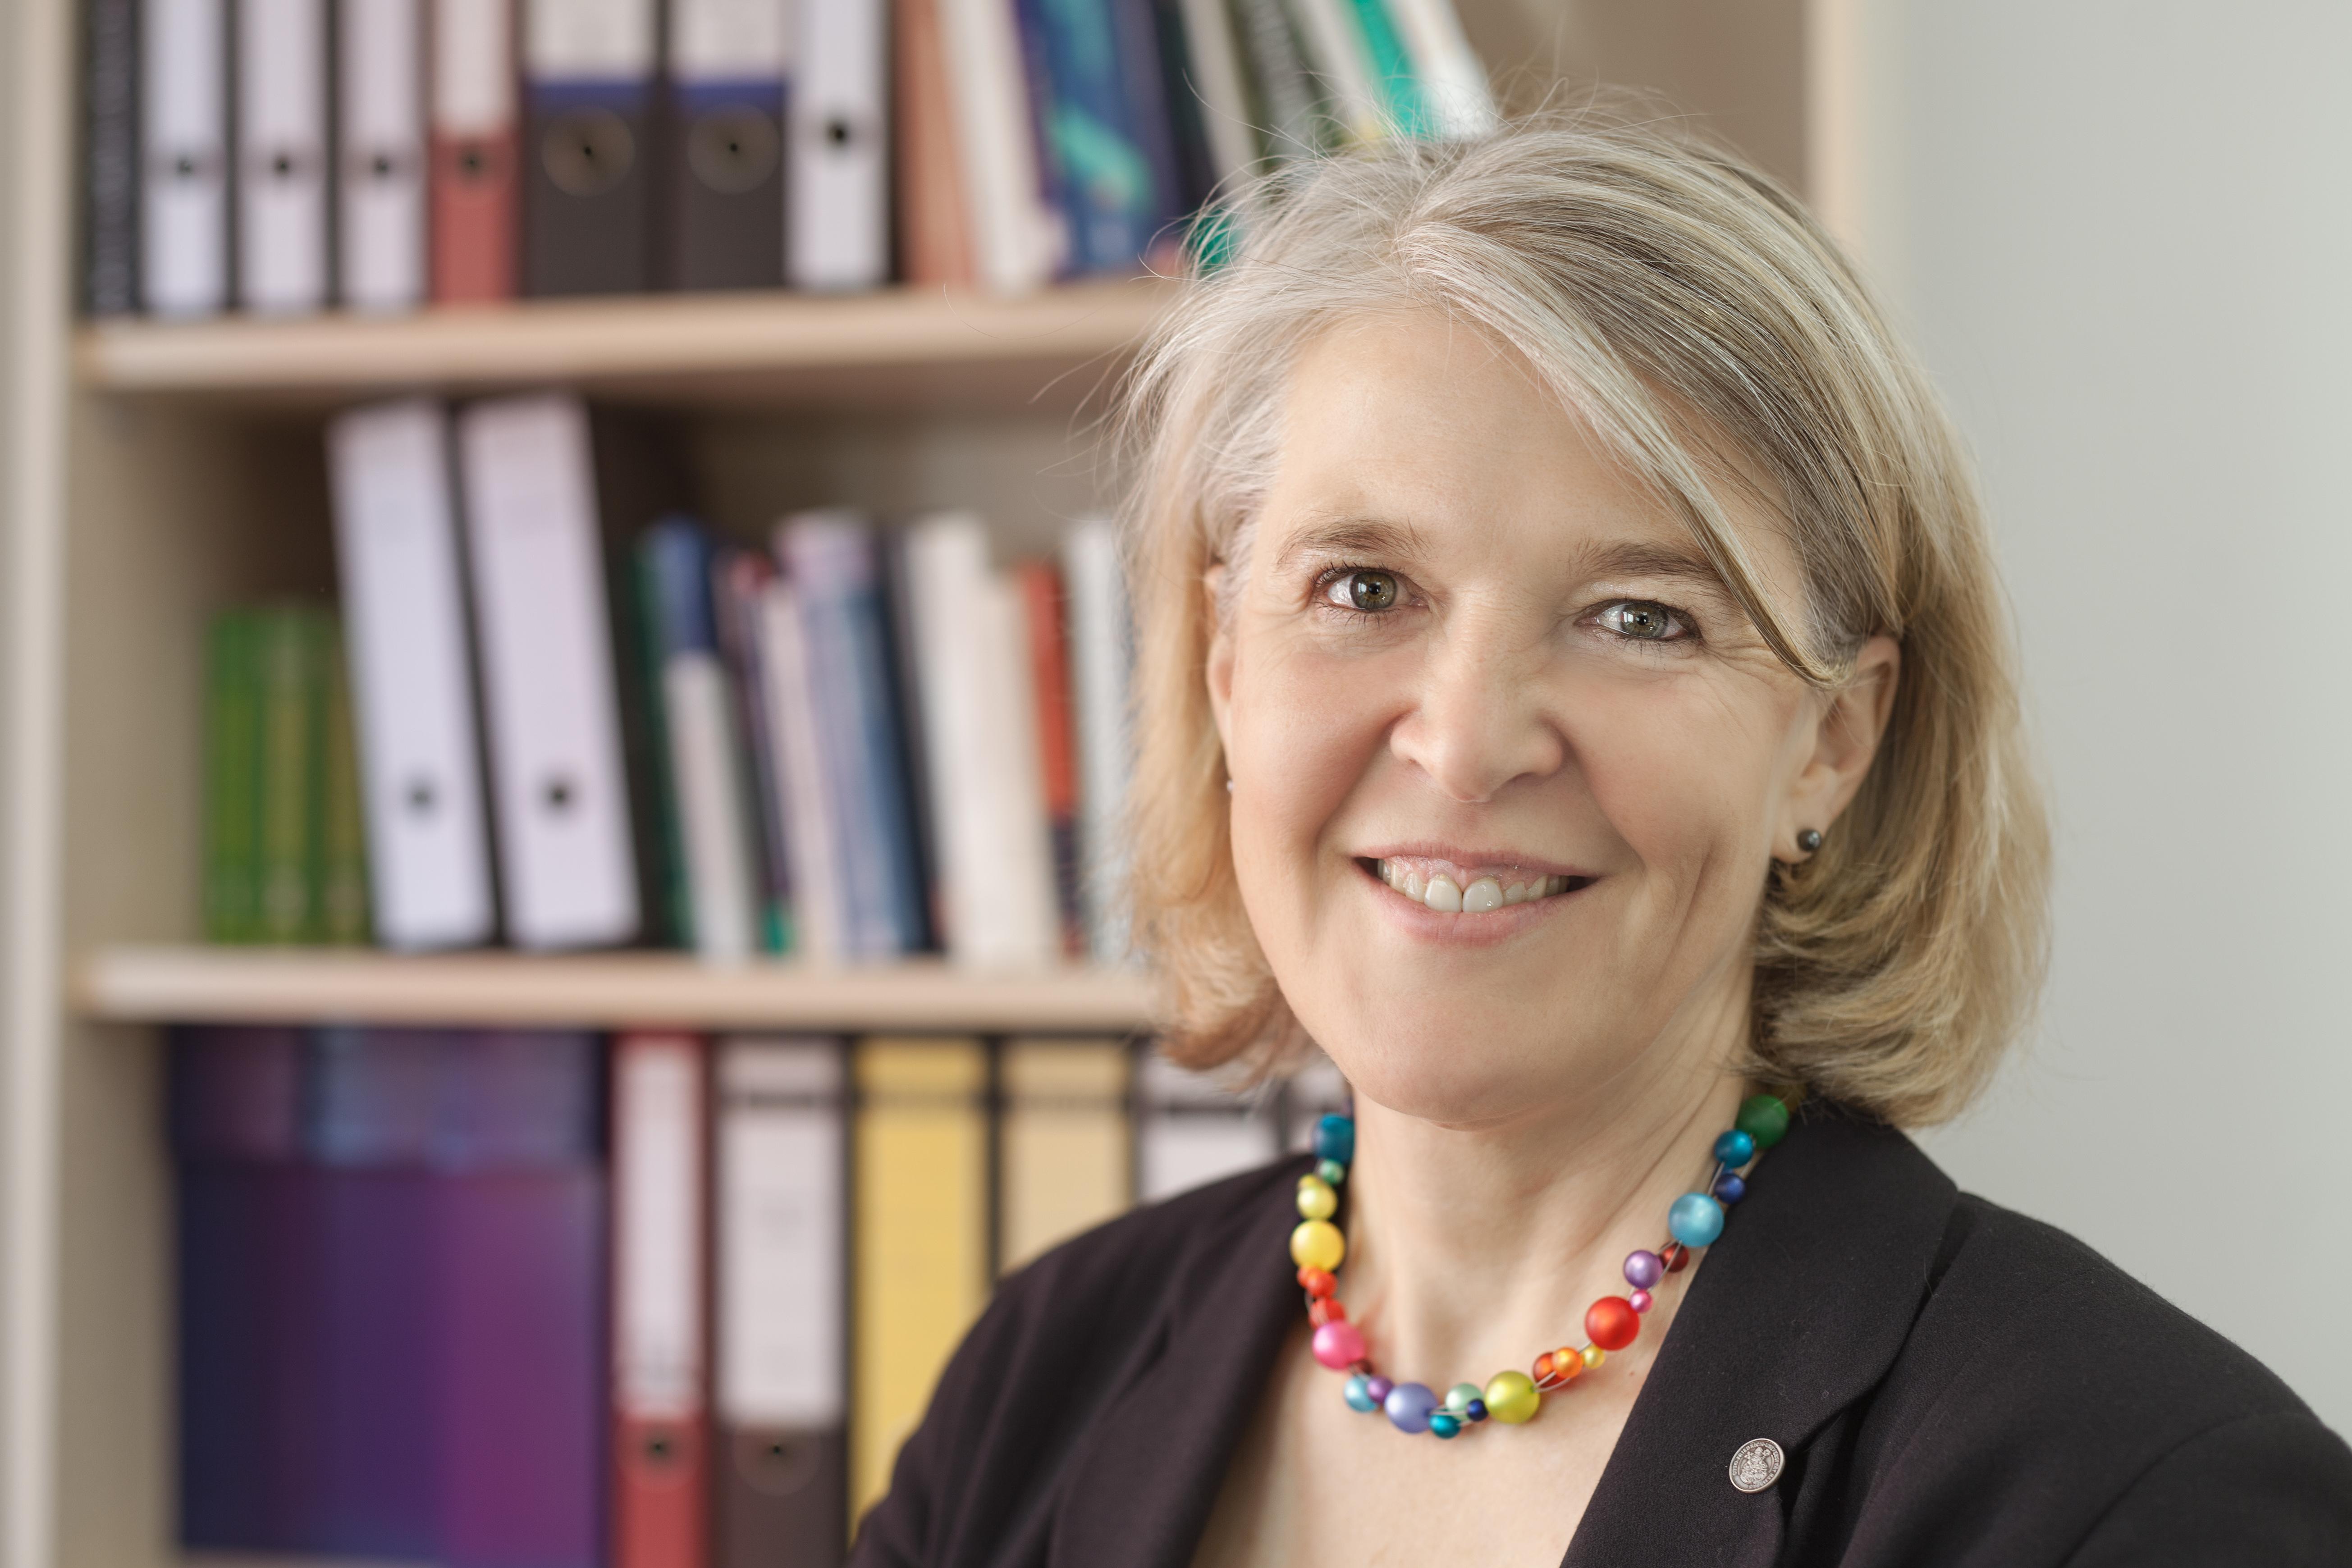 Astrid Schütz